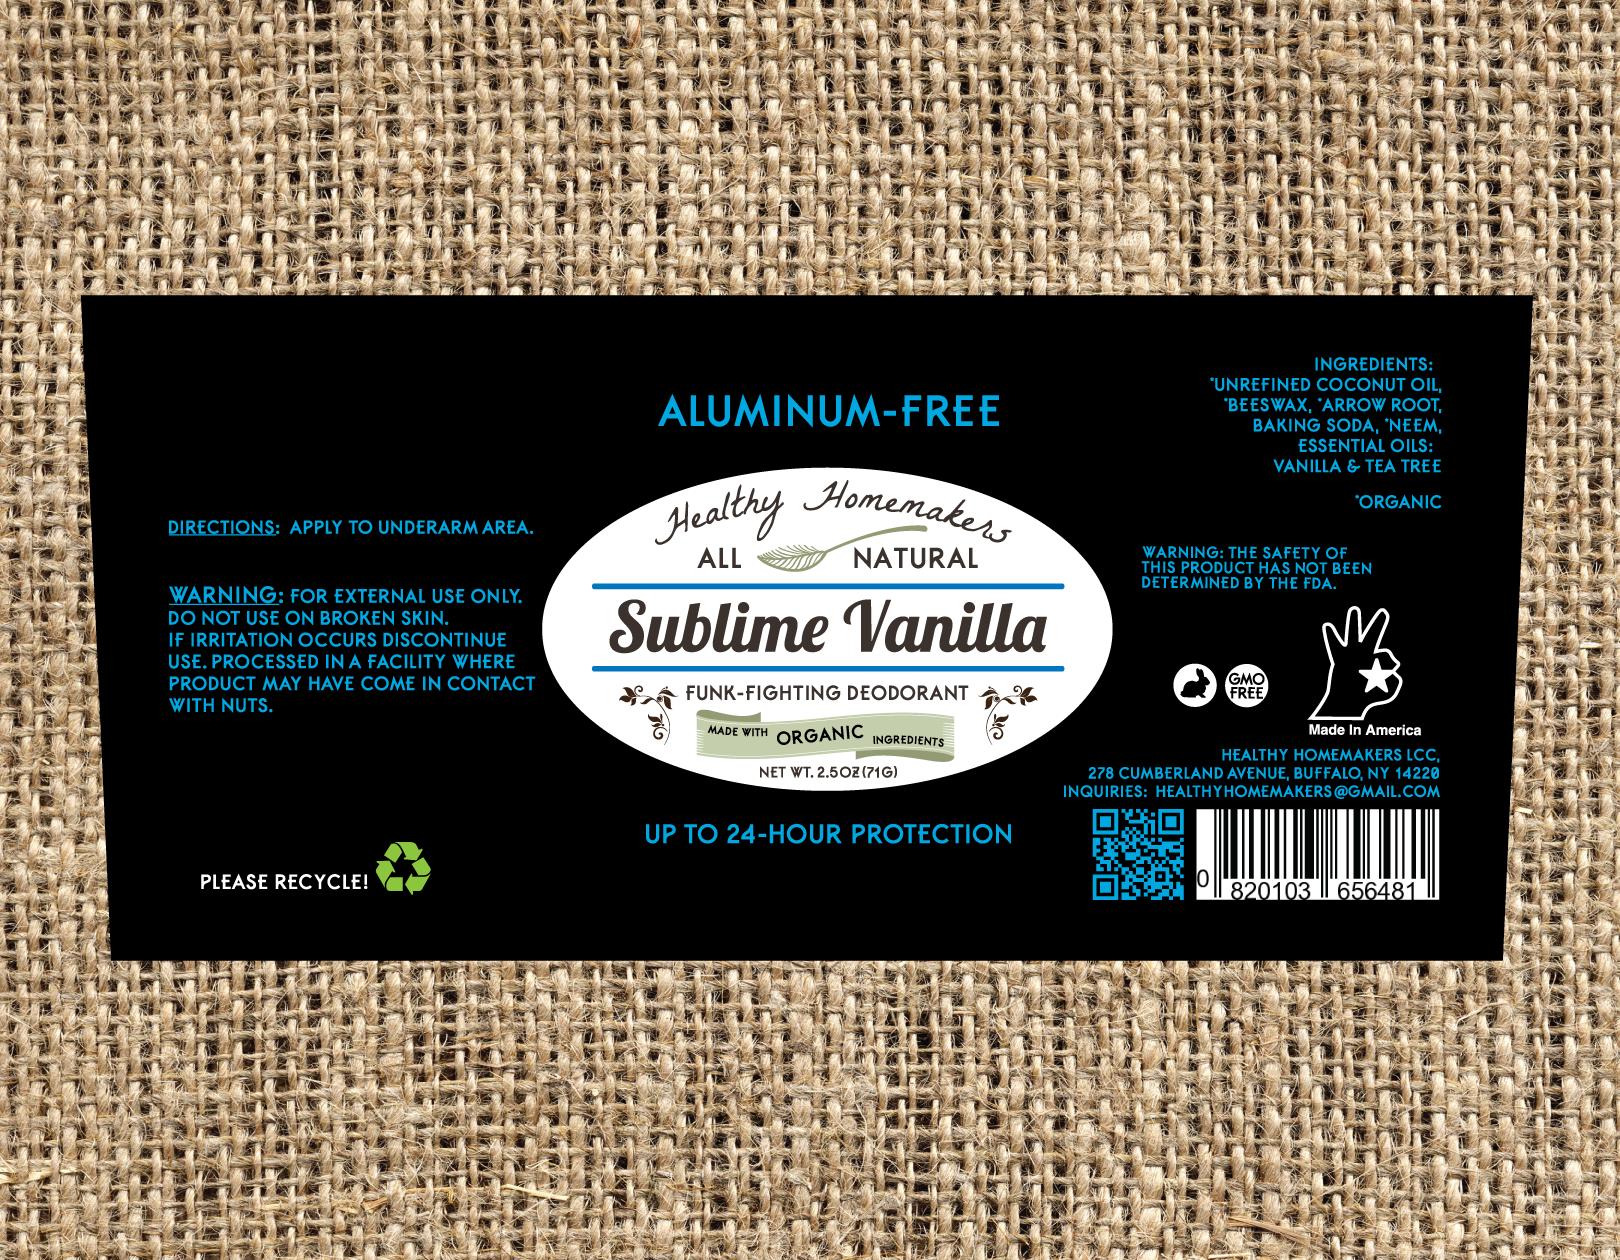 Sublime Vanilla - Aluminum Free Deodorant